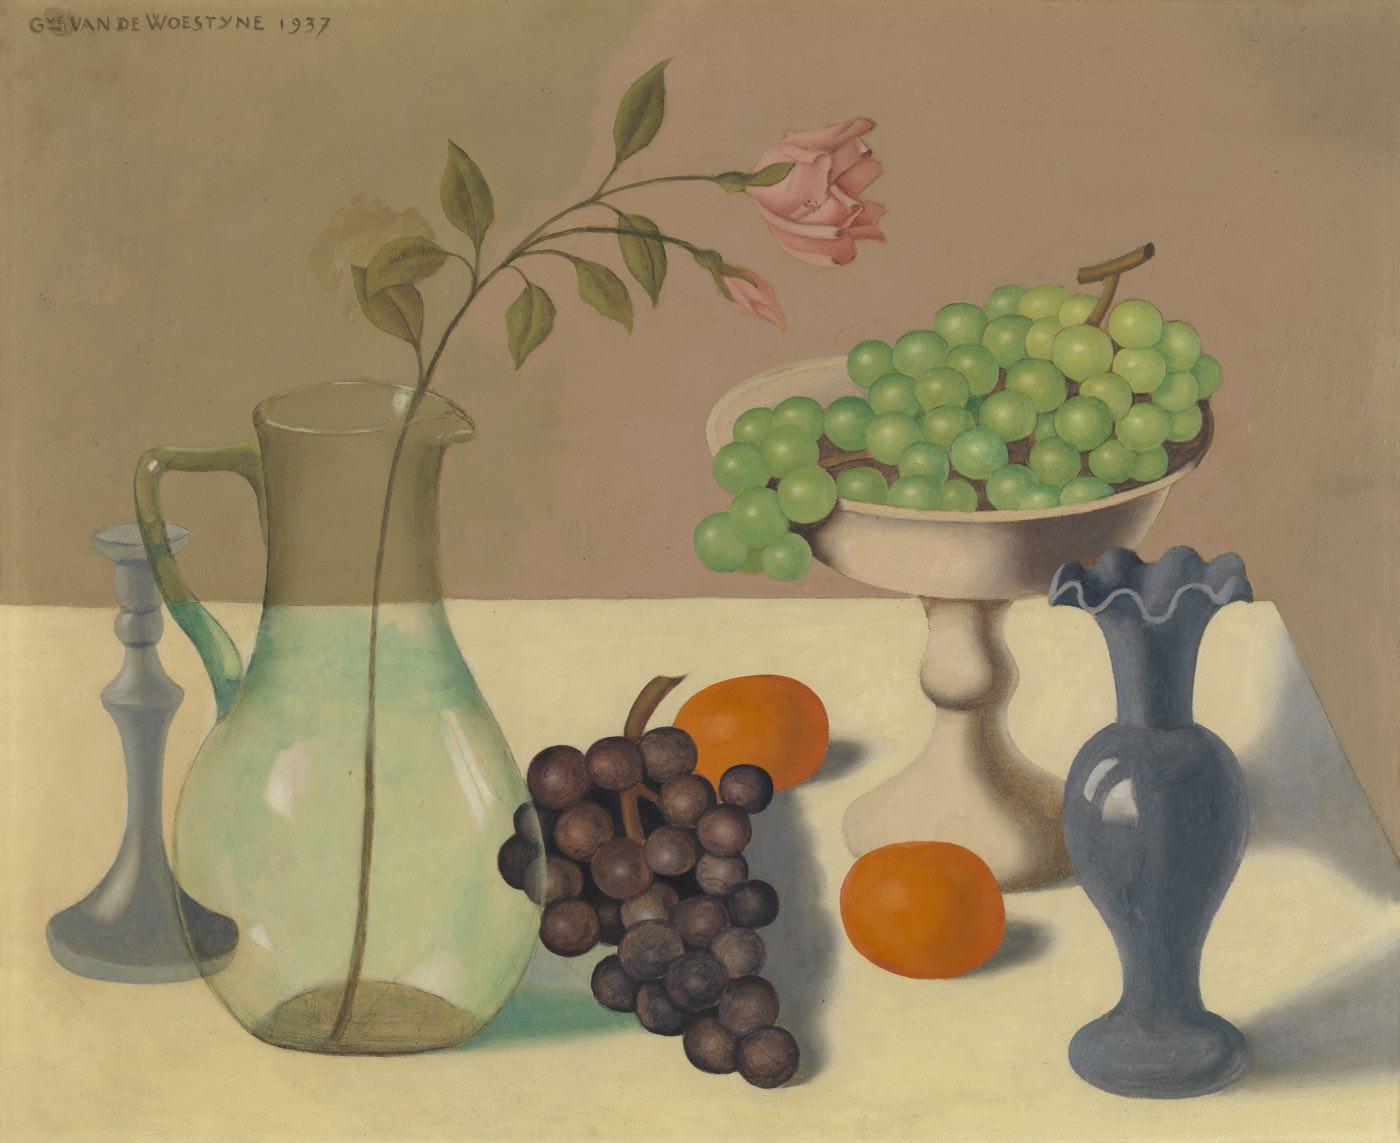 Stilleven_met_druiven,_Gustave_Van_de_Woestyne,_1937,_Koninklijk_Museum_voor_Schone_Kunsten_Antwerpen